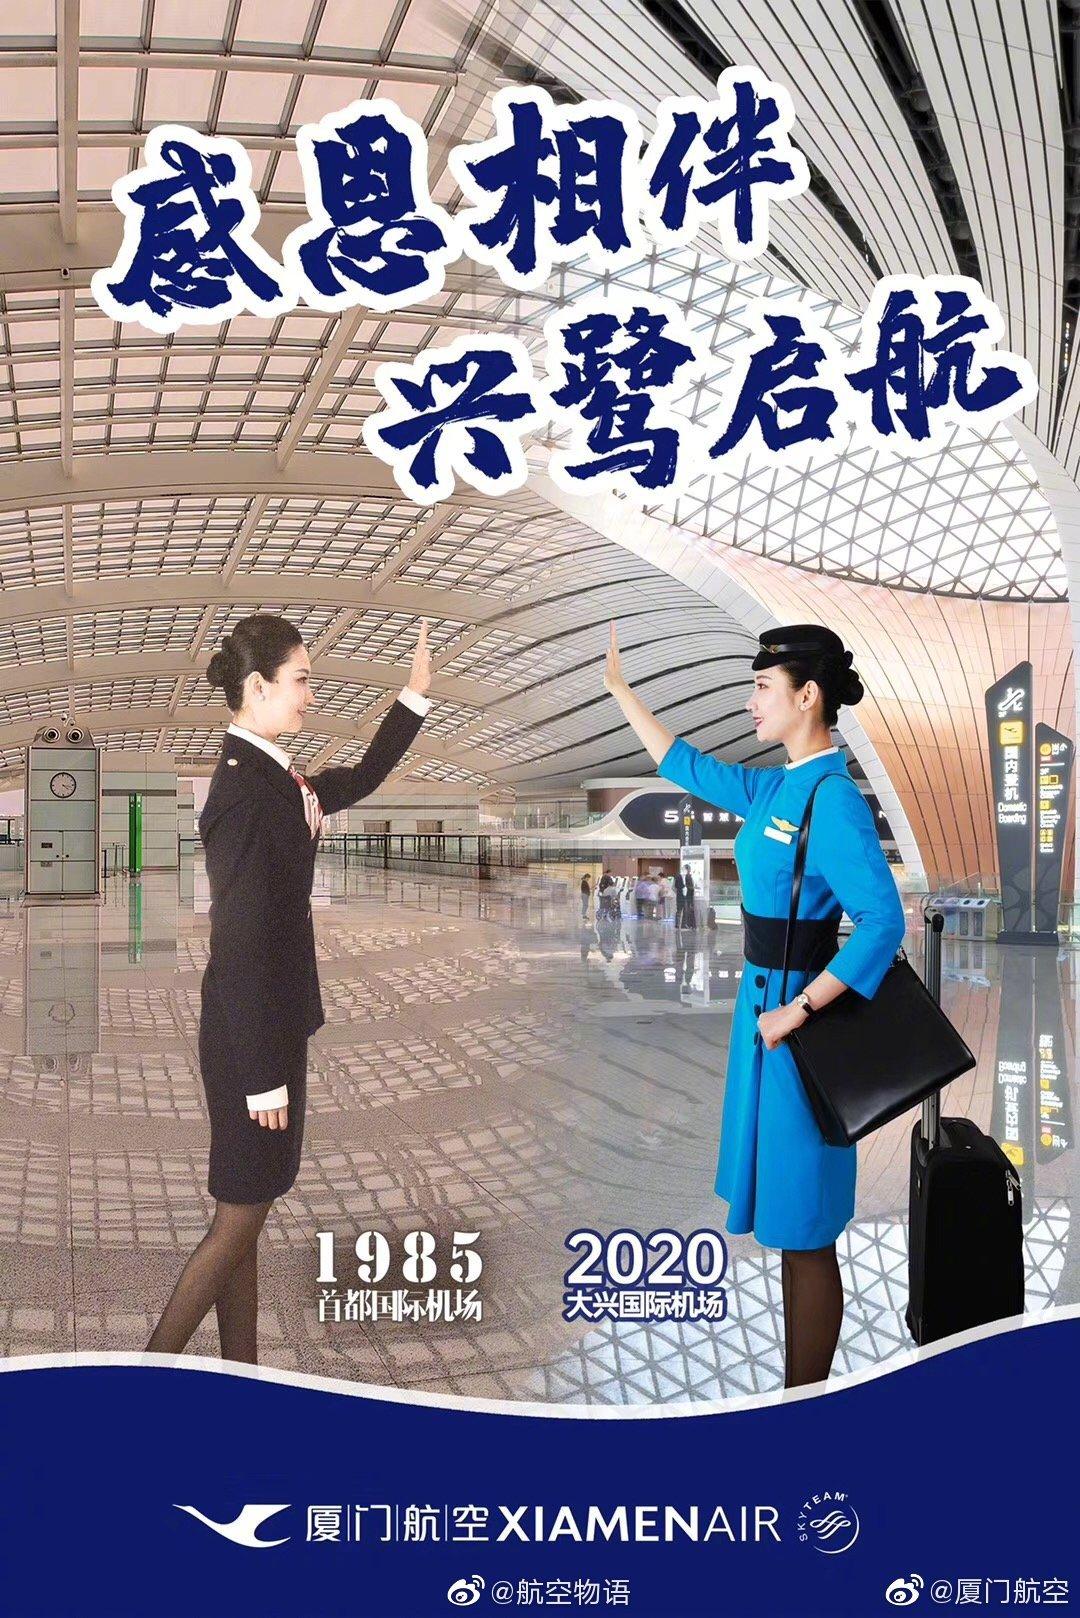 布局空铁联运,便利大兴旅客,厦航在北京清河设立城市候机楼